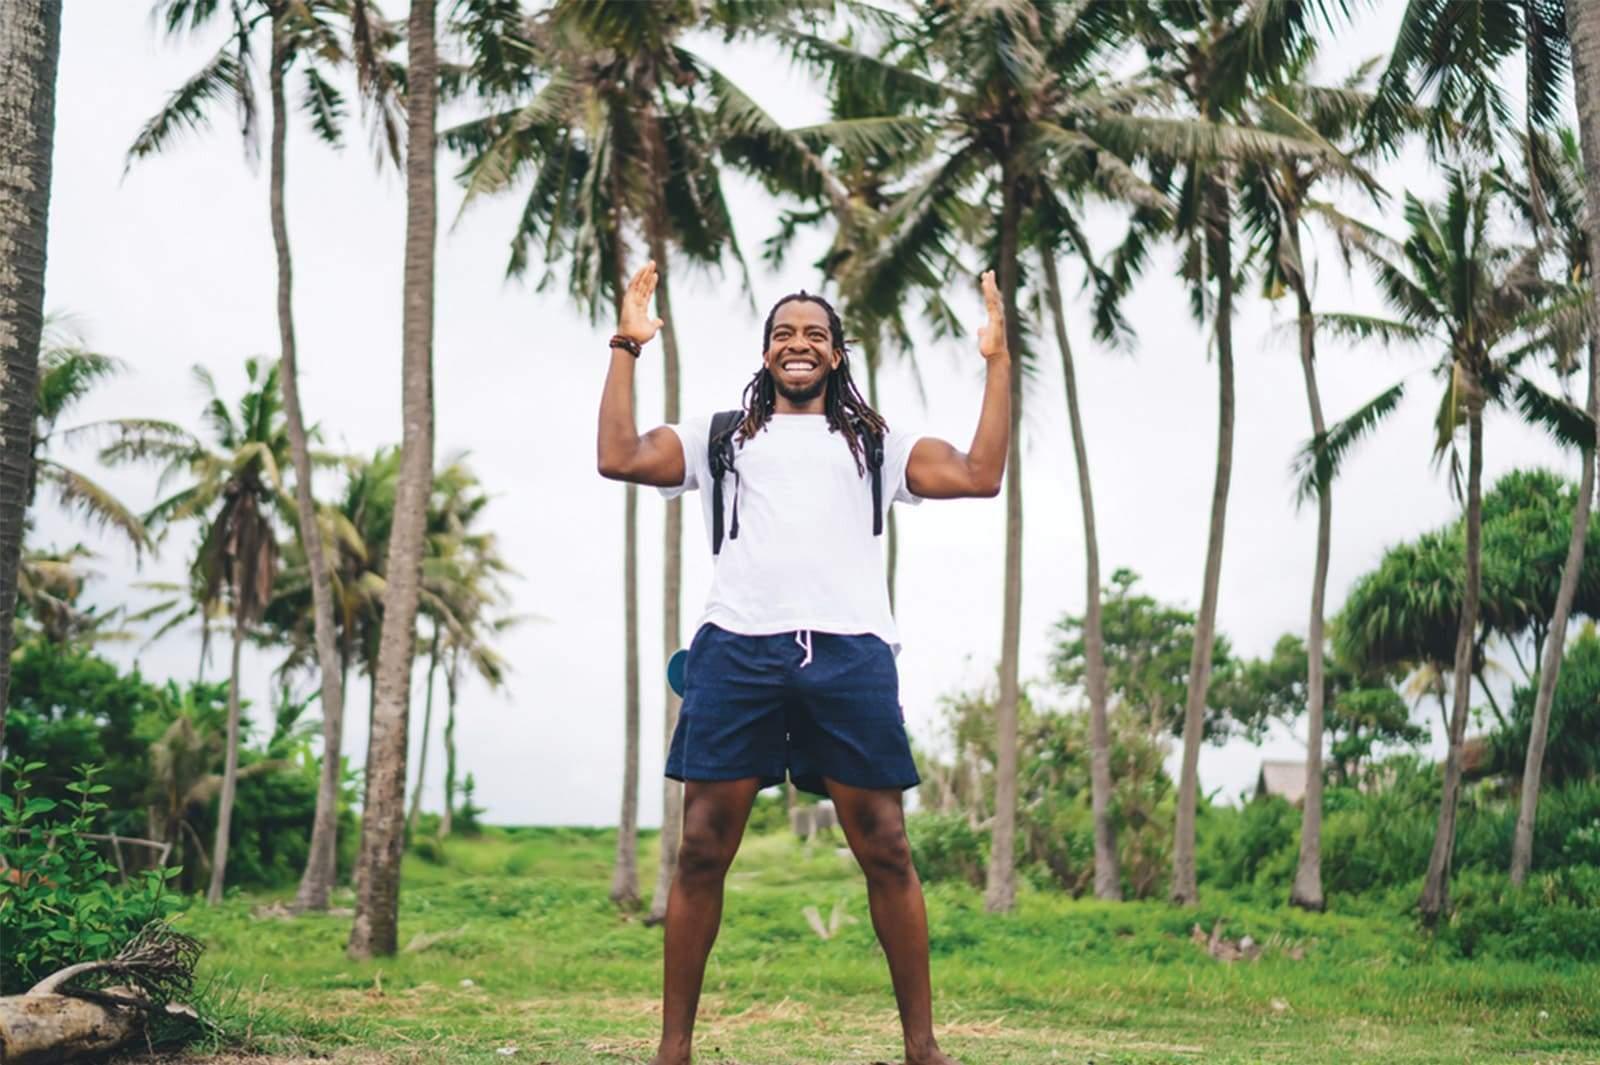 Homme noir avec Dreadlocks se tenant debout entre des palmiers, super heureux et en forme